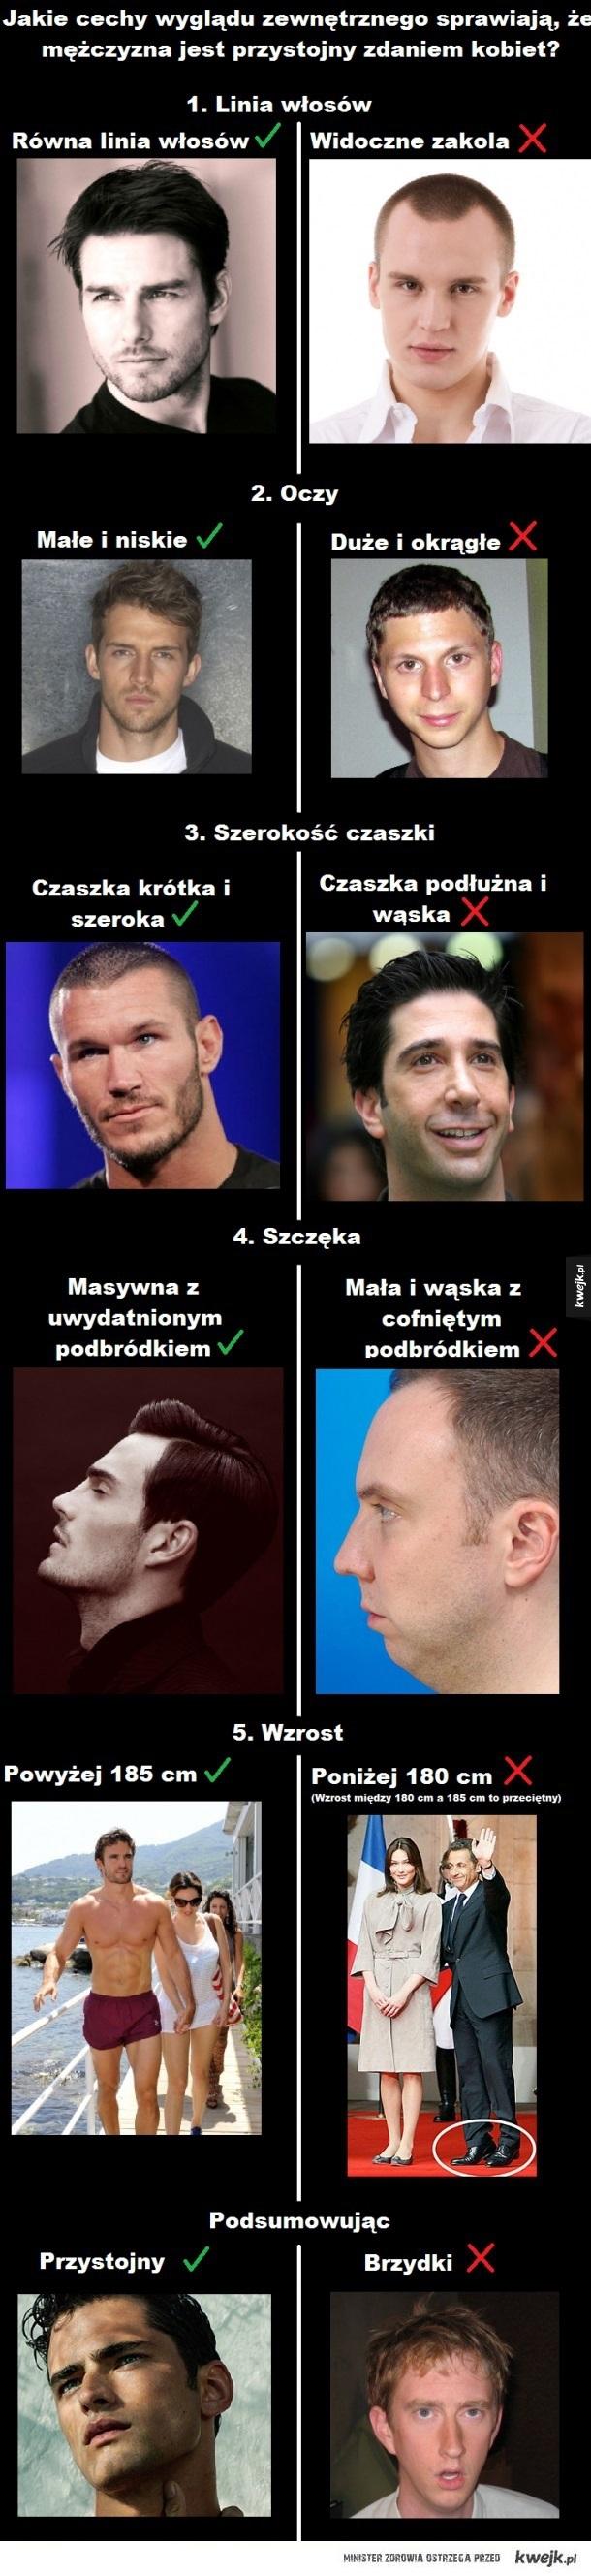 Cechy przystojnego mężczyzny